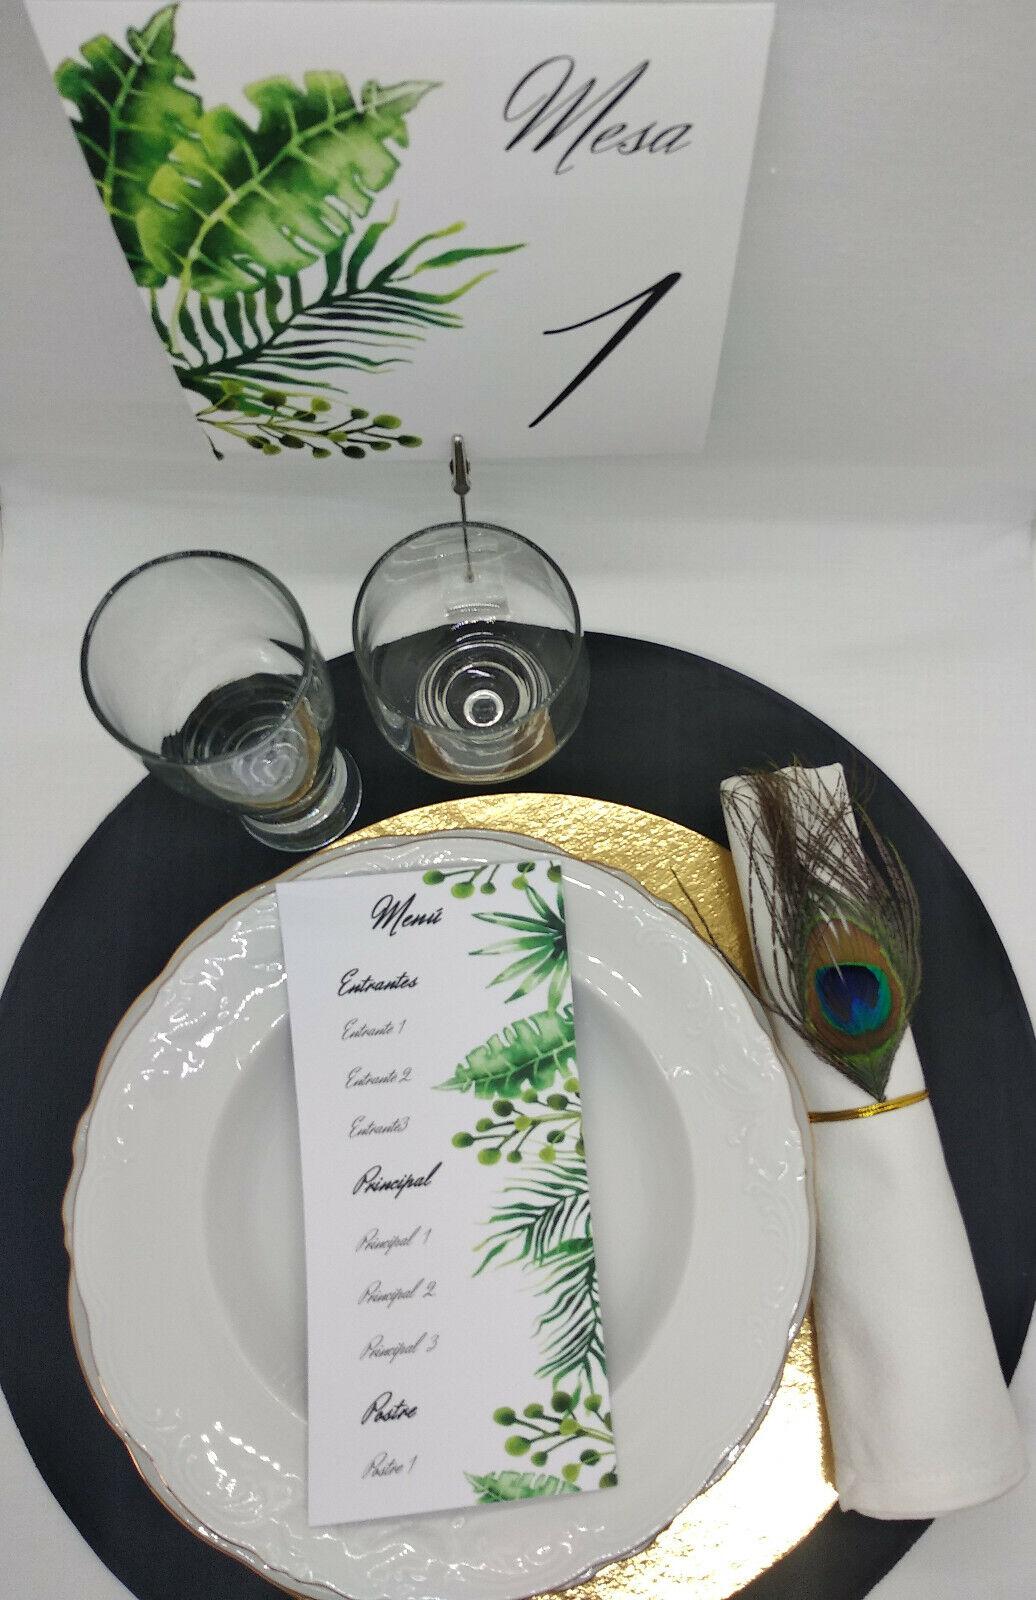 Tarjeta menu para bodas. 10 unidades. Se envian recortados